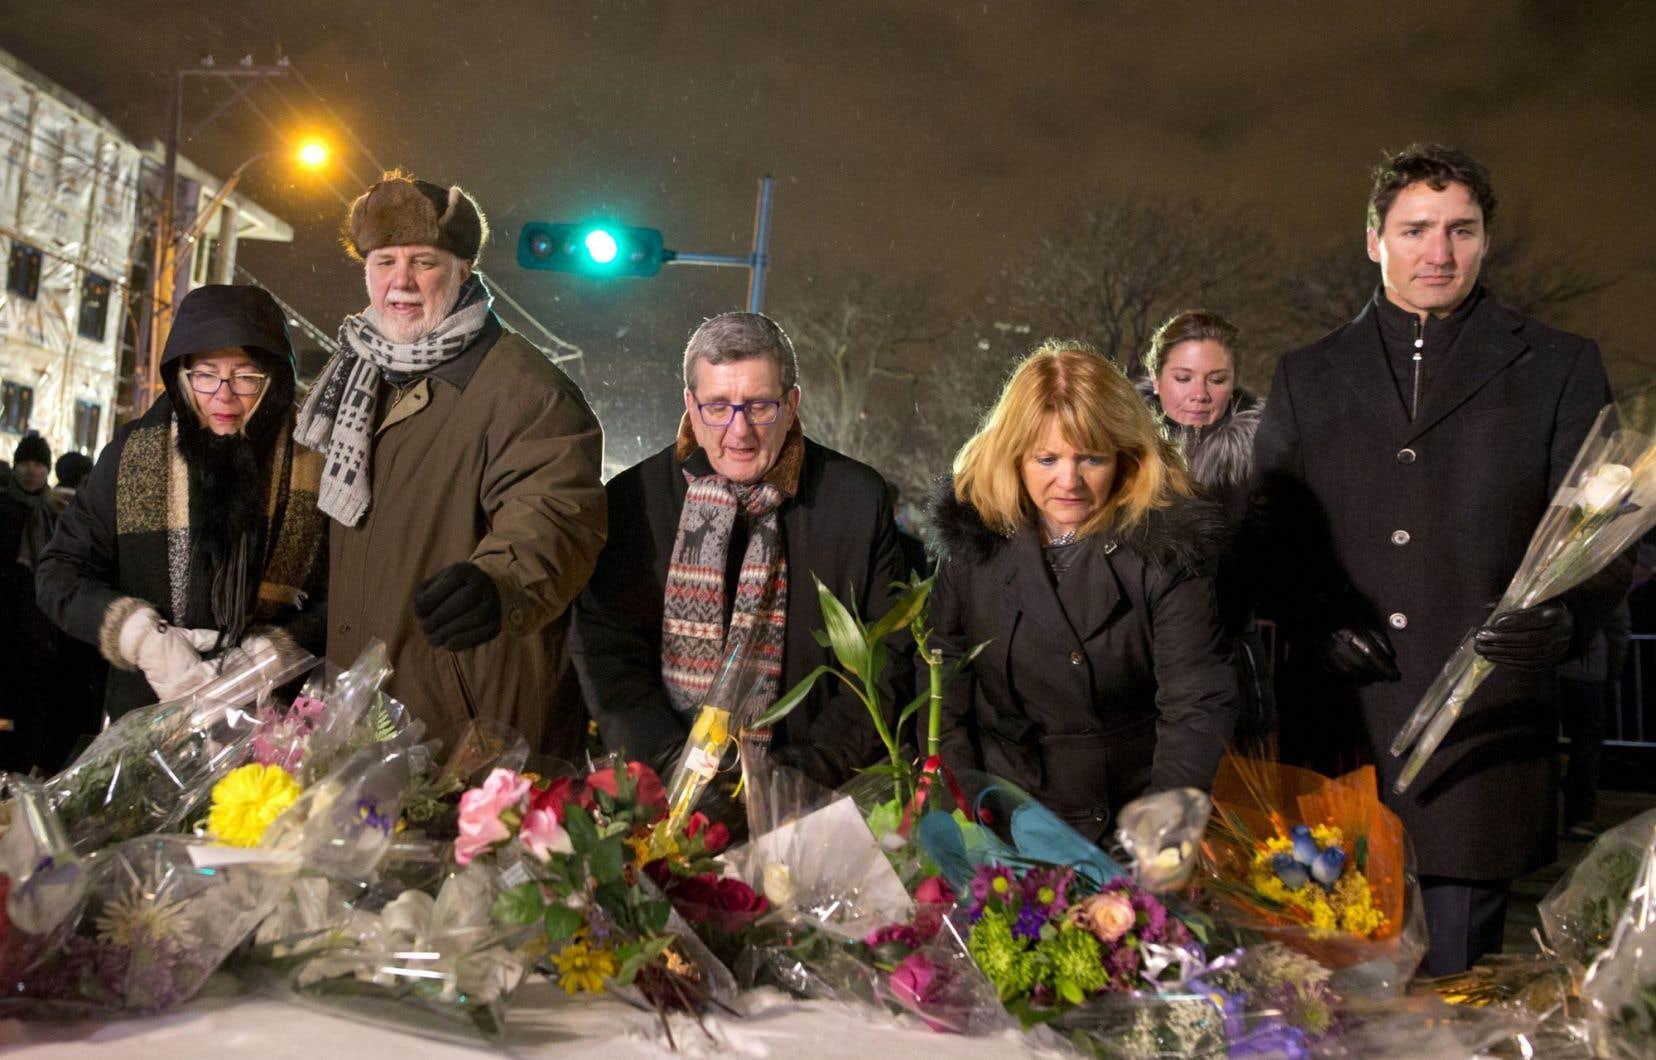 Le premier ministre du Québec, Philippe Couillard, le maire de Québec, Régis Labeaume, et le premier ministre du Canada, Justin Trudeau, ainsi que leurs conjointes respectives, Suzanne Pilote, Louise Vien et Sophie Grégoire, ont déposé des gerbes de fleurs près de la mosquée en hommage aux victimes.